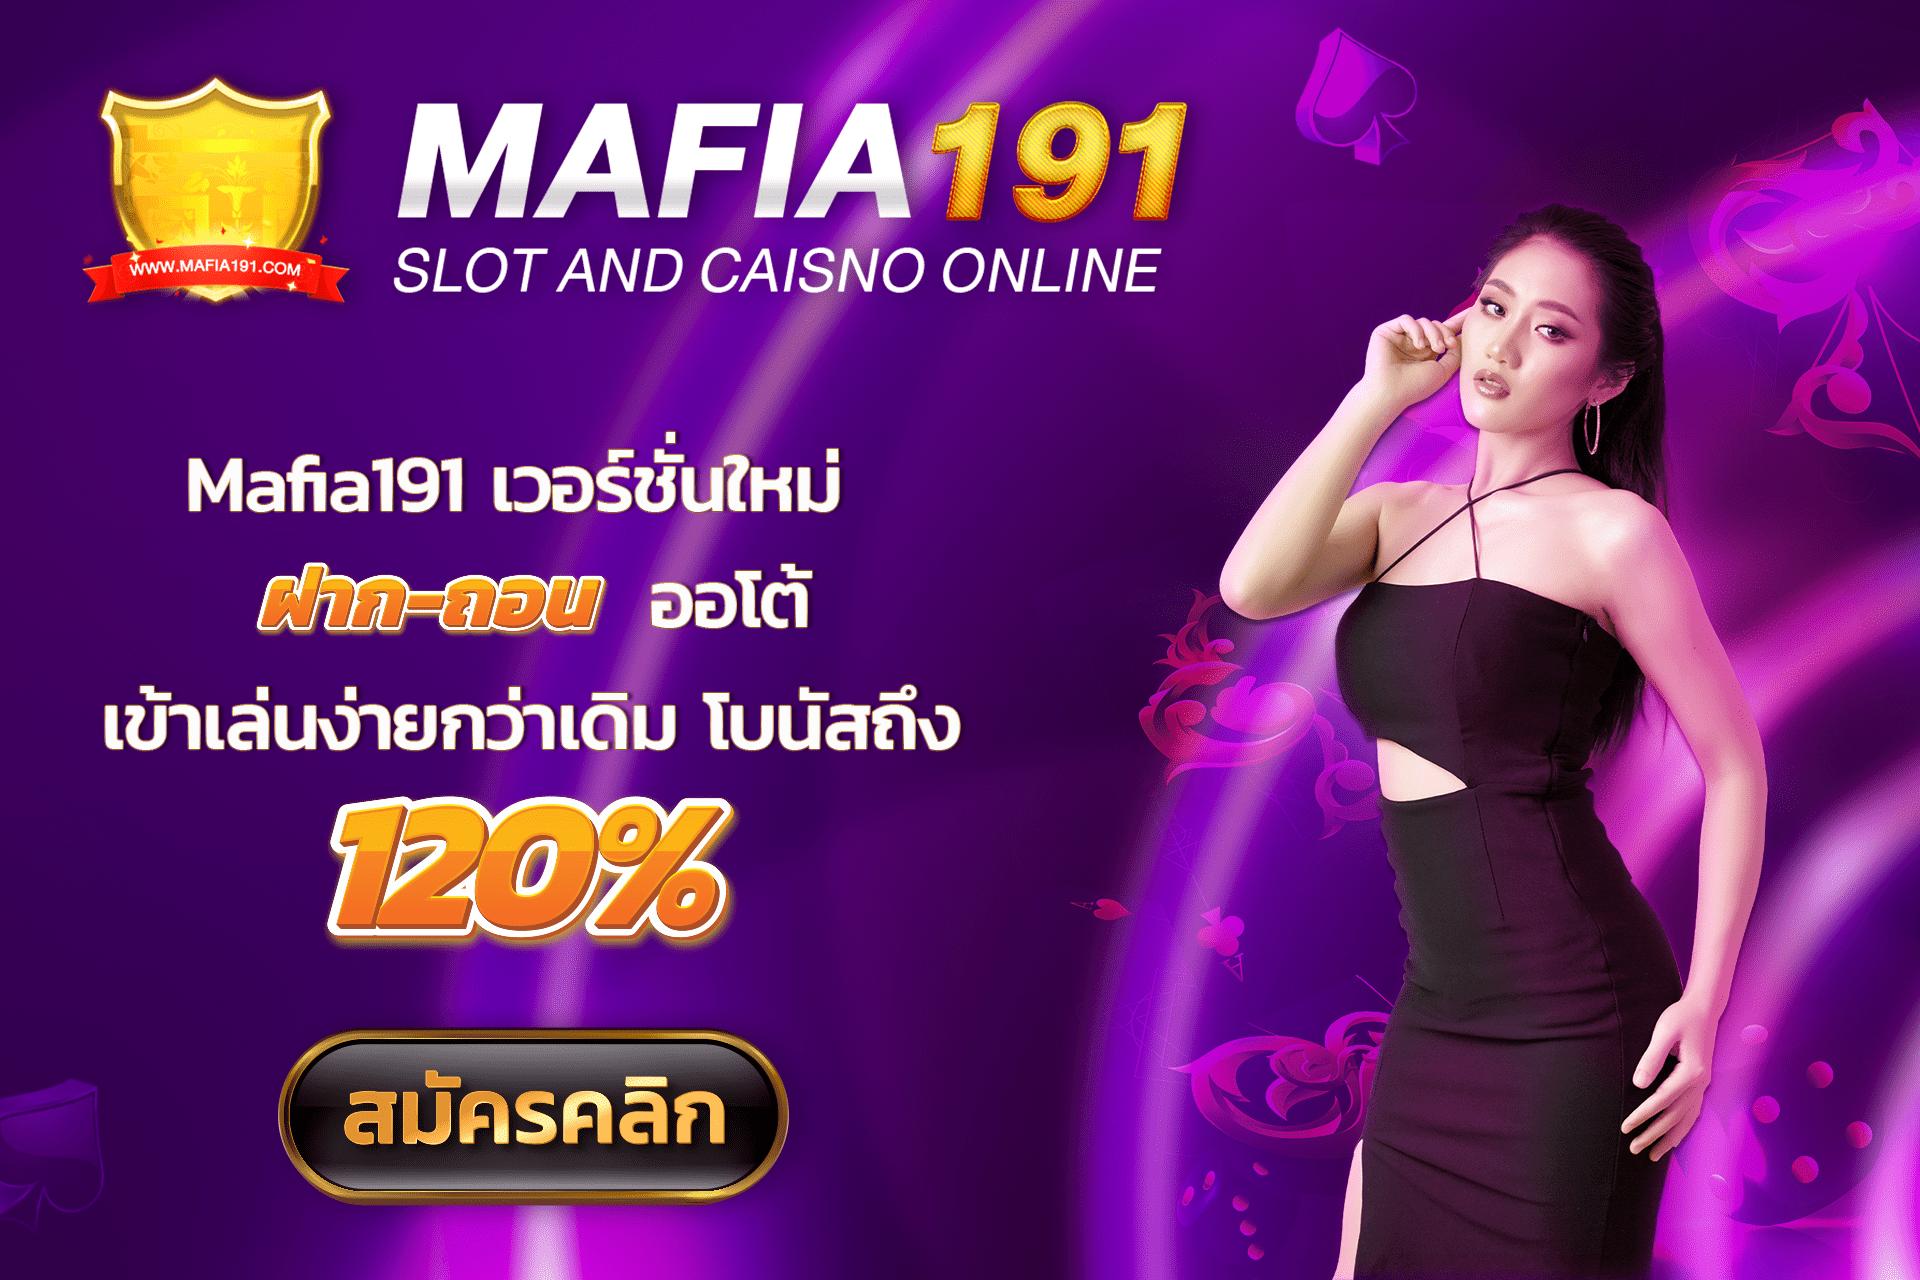 mafia191